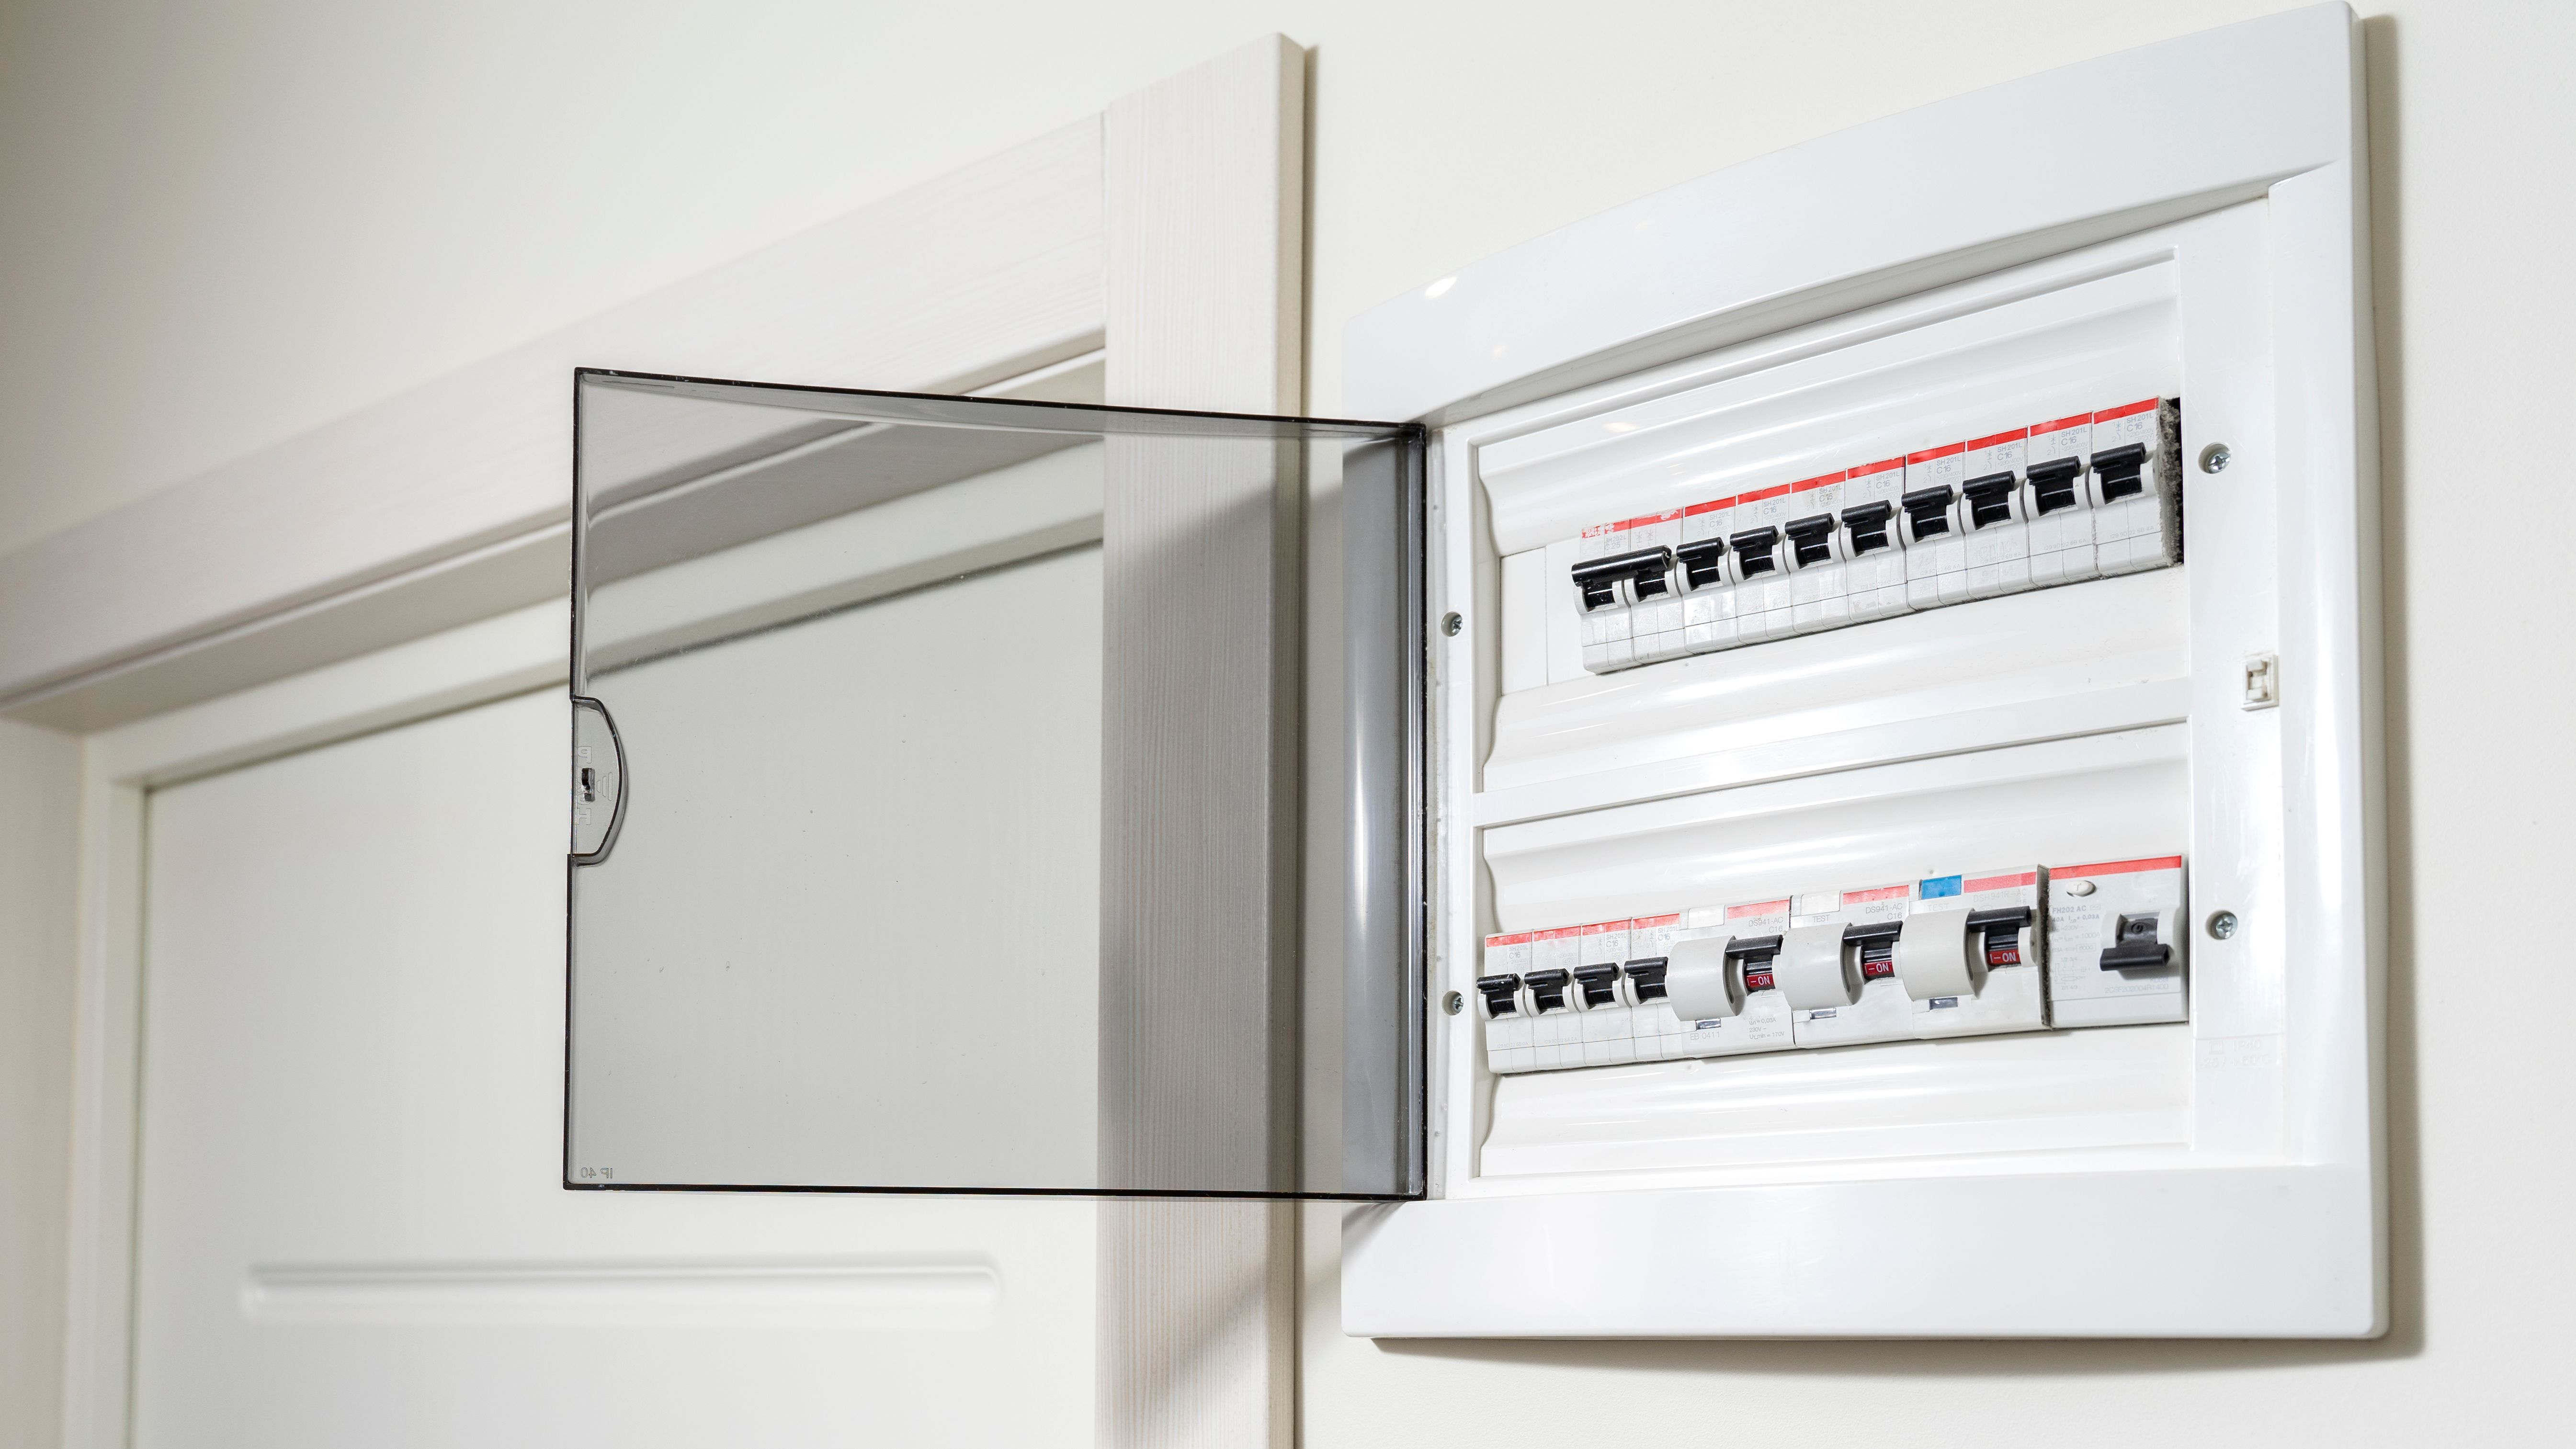 Comment déterminer le tableau électrique d'un logement ?